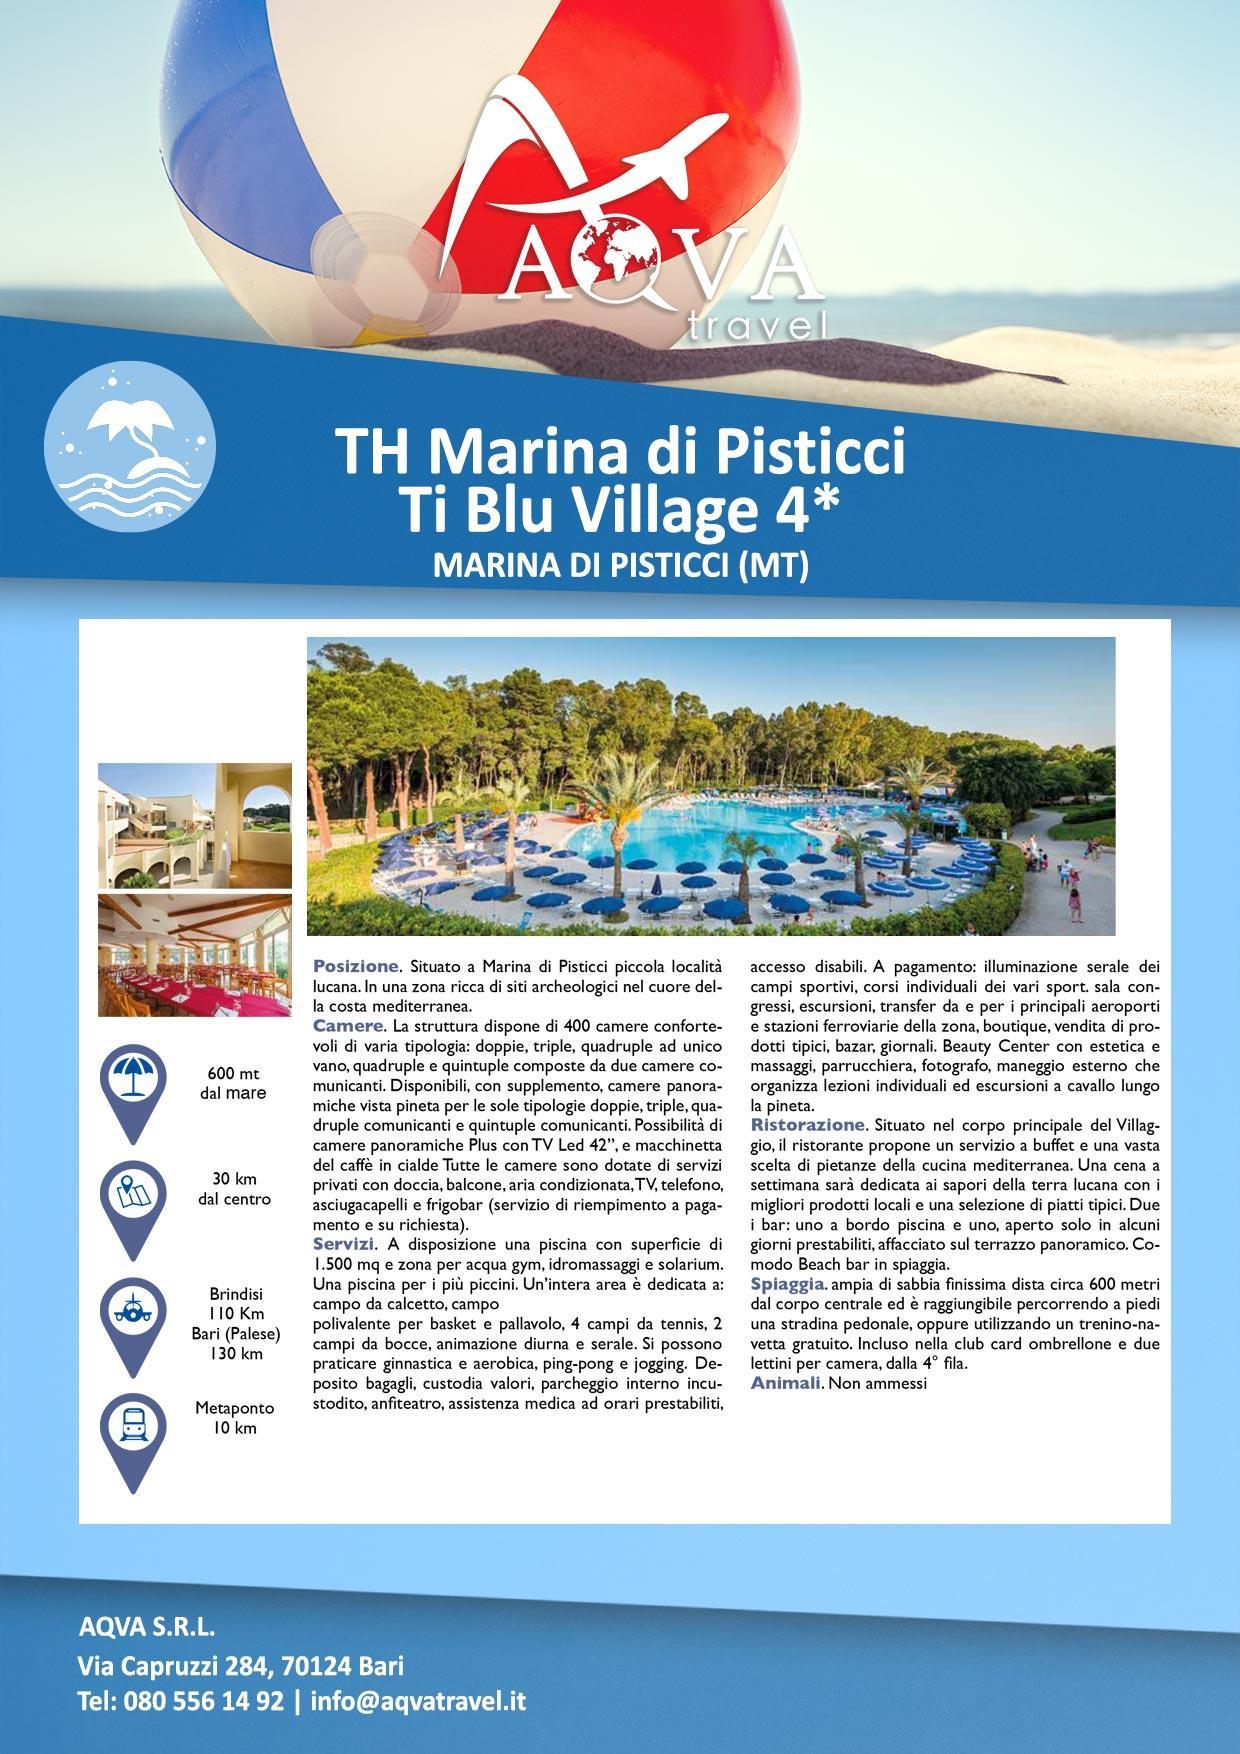 TH-Marina-di-Pisticci-Ti-Blu-Village-4-MARINA-DI-PISTICCI-(MT)--Mare-offerte-agenzia-di-viaggi-Bari-AQVATRAVEL-it